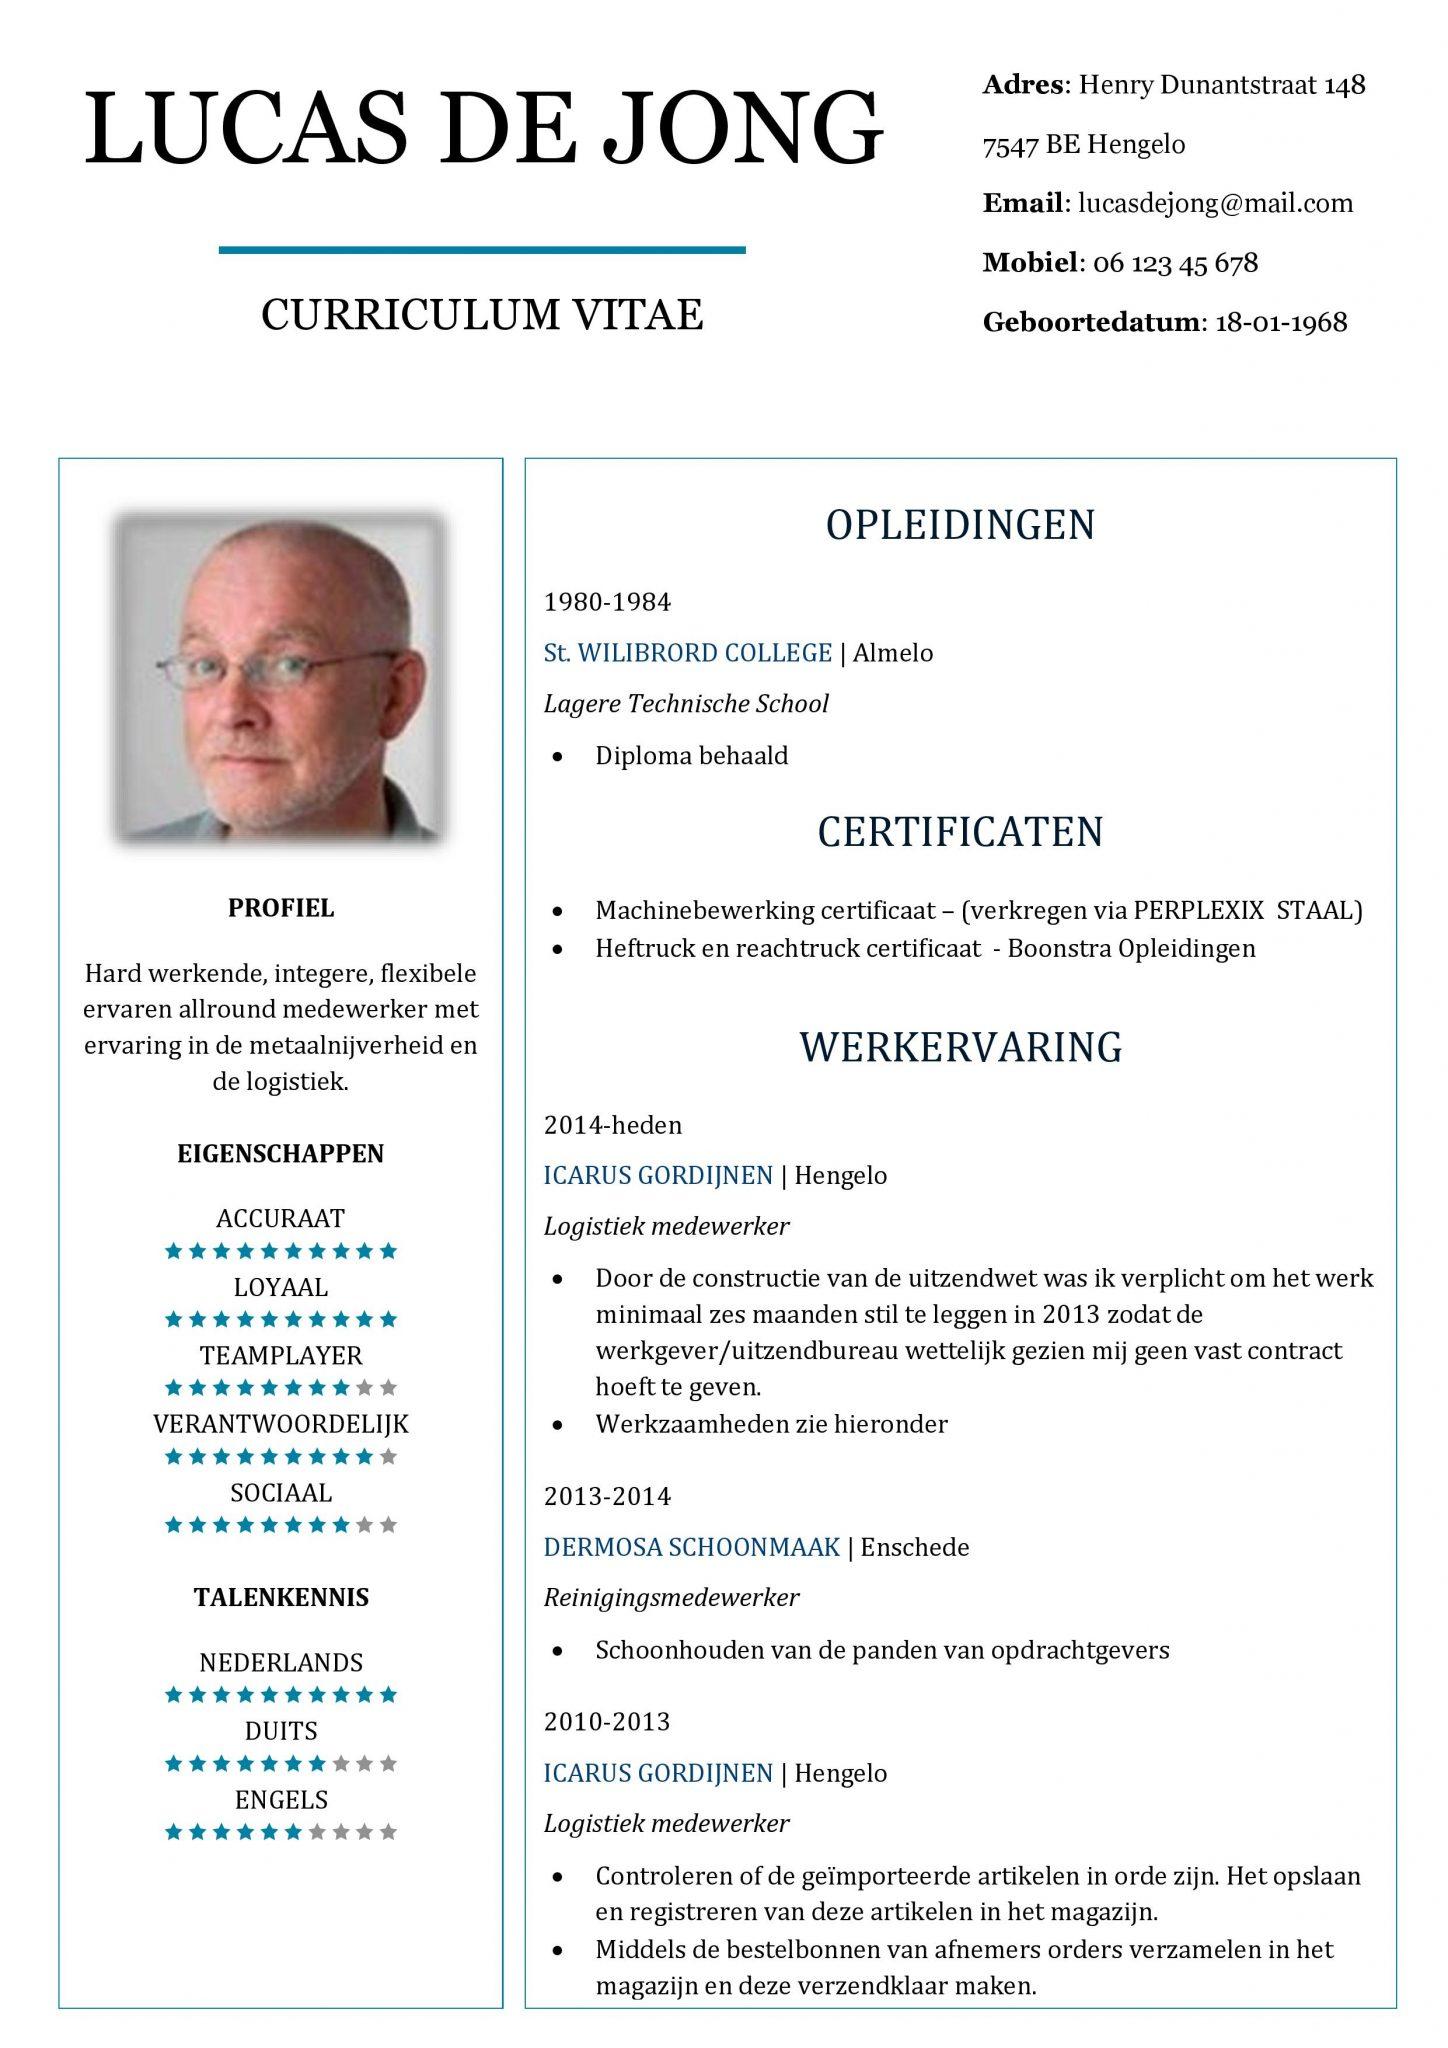 CV Voorbeeld Chesterfield   De Beste Gratis CV Sjabloon van Nederland!